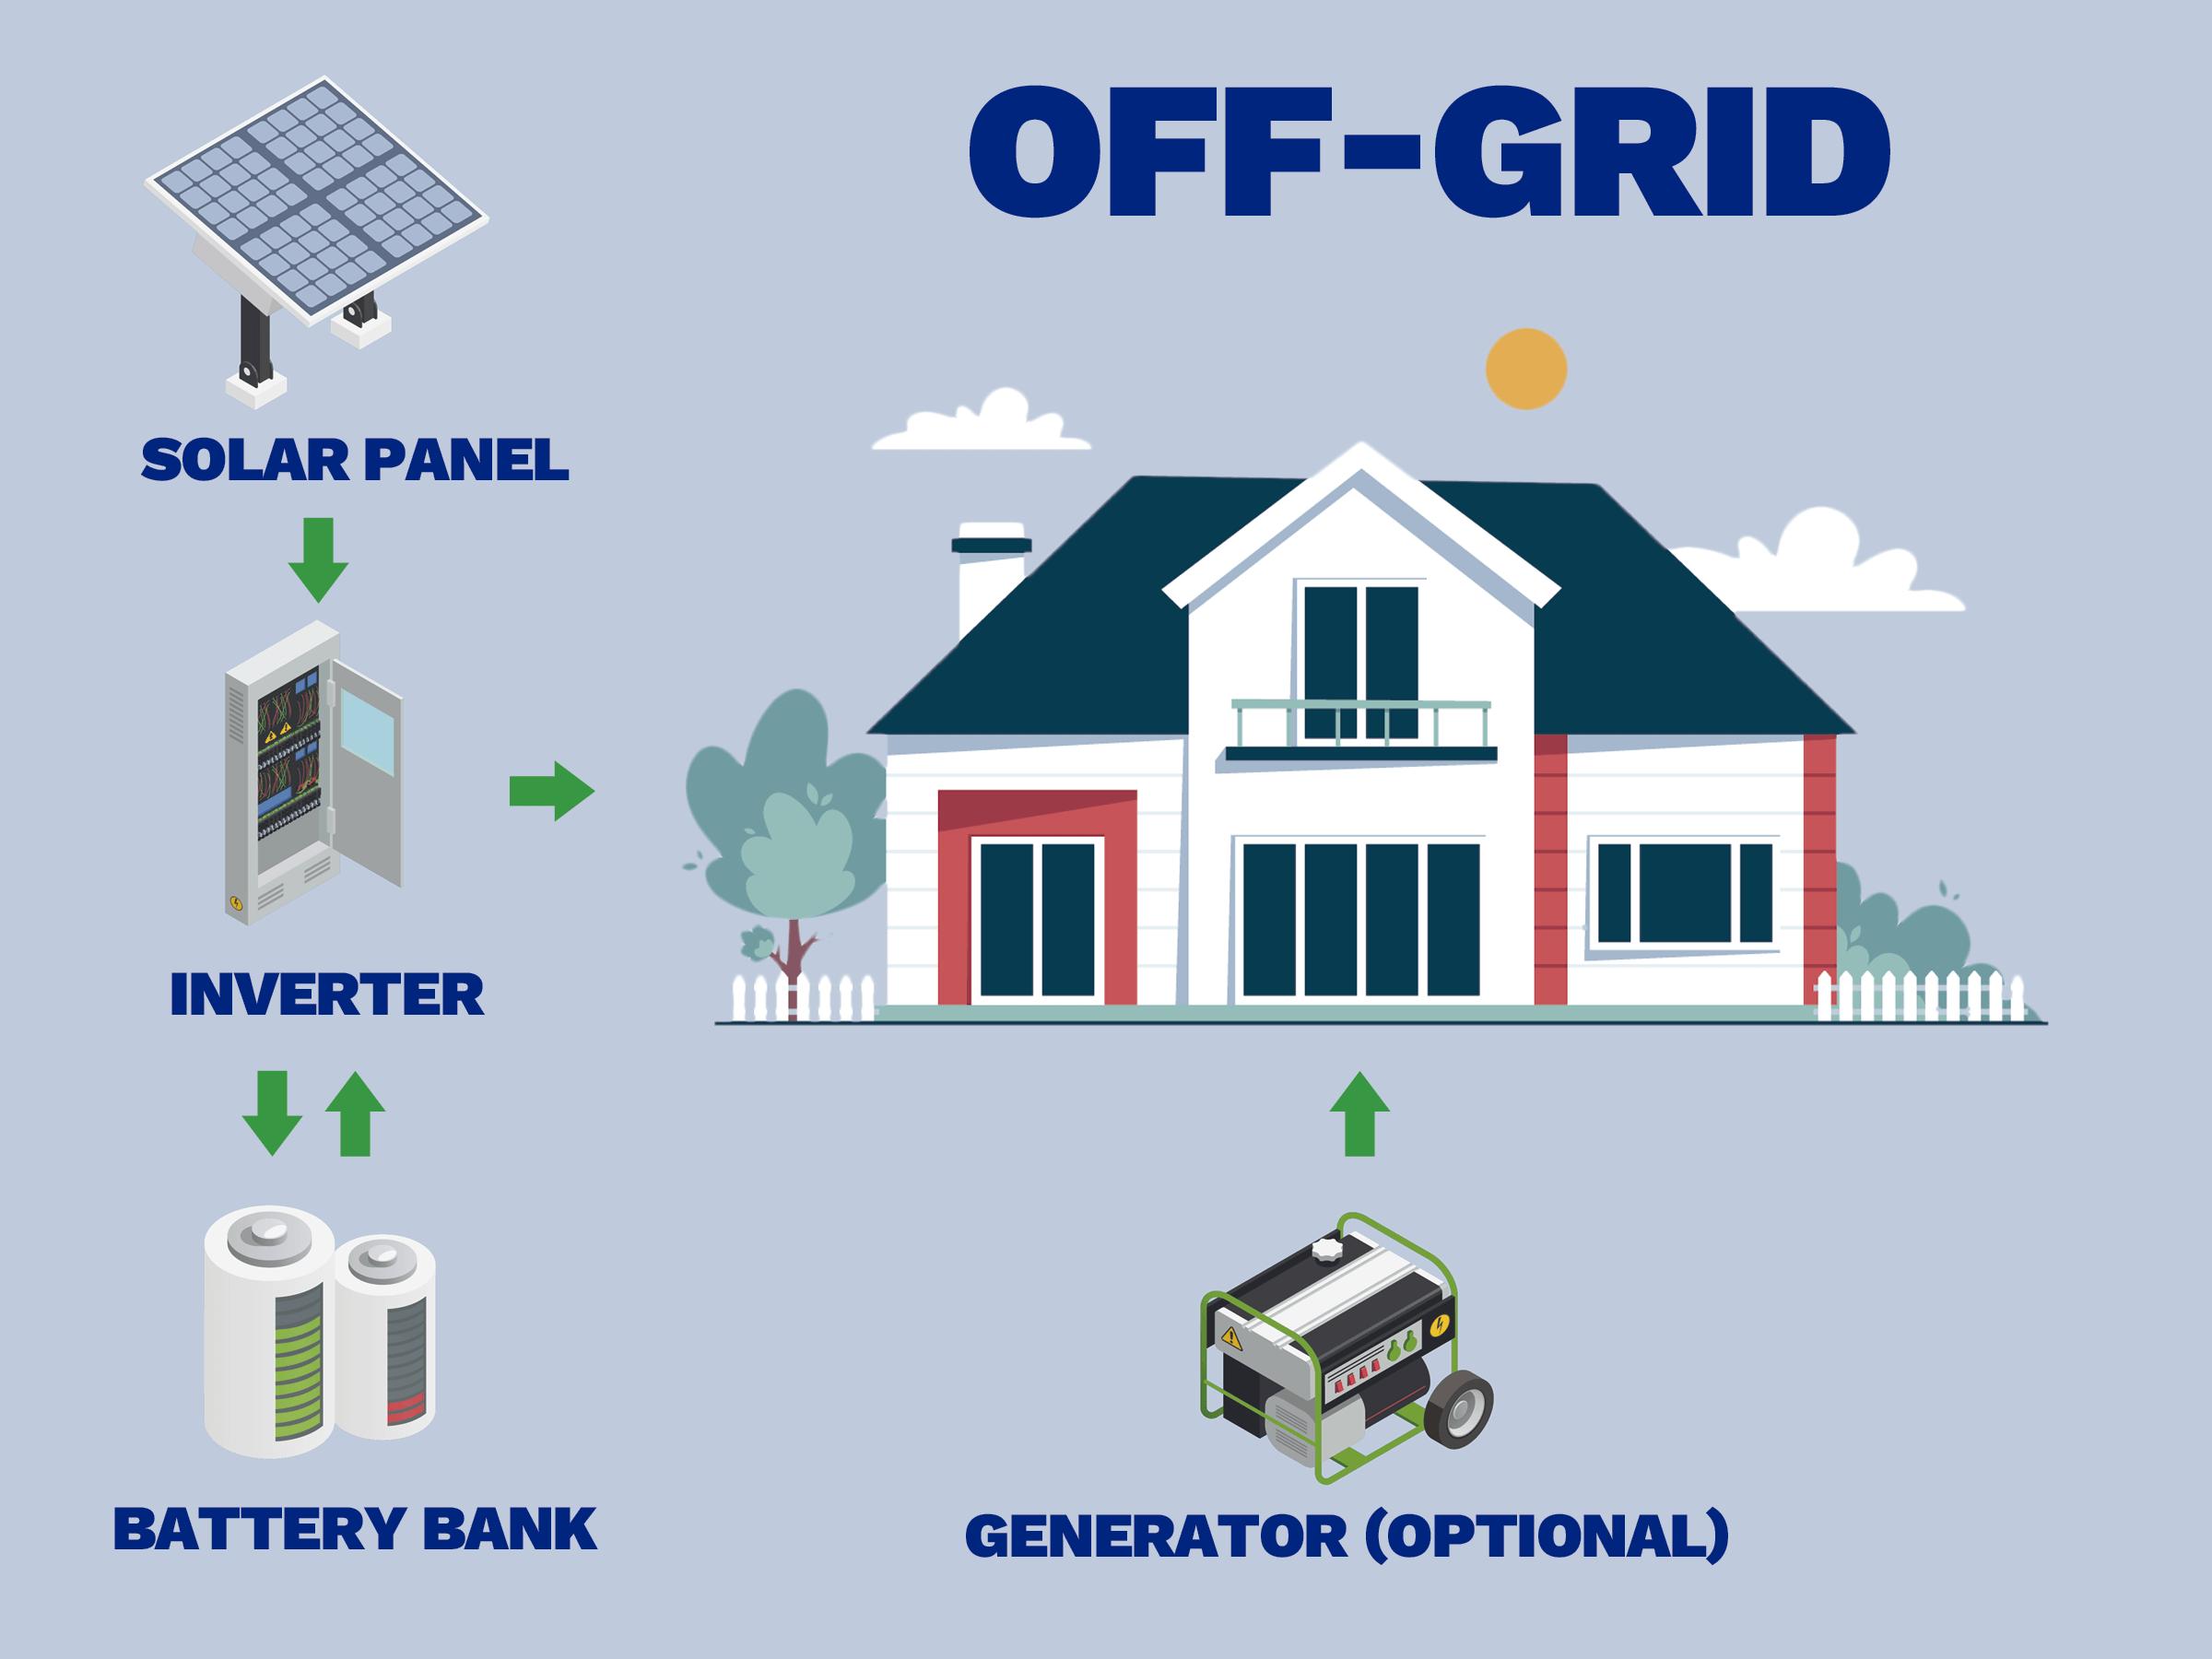 Off-grid solar system - SAAB RDS